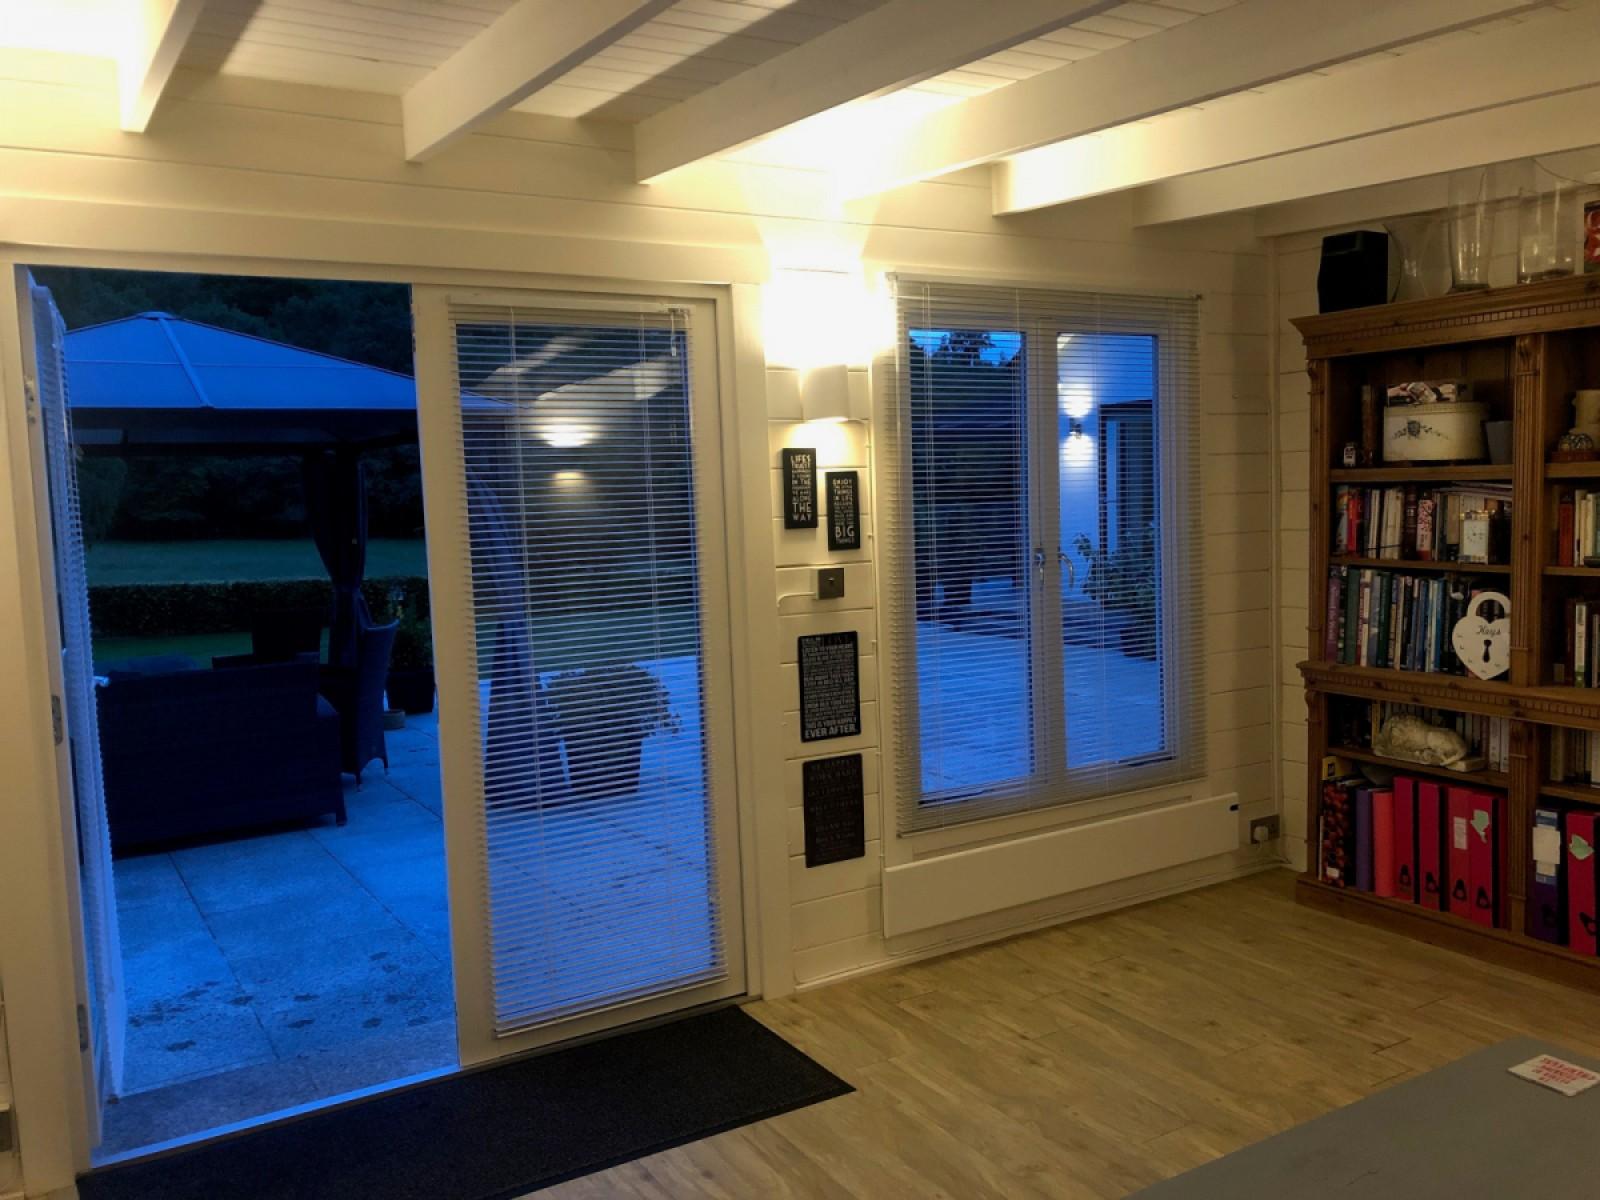 1624634994_Lillevilla 353 Internal 4.jpg